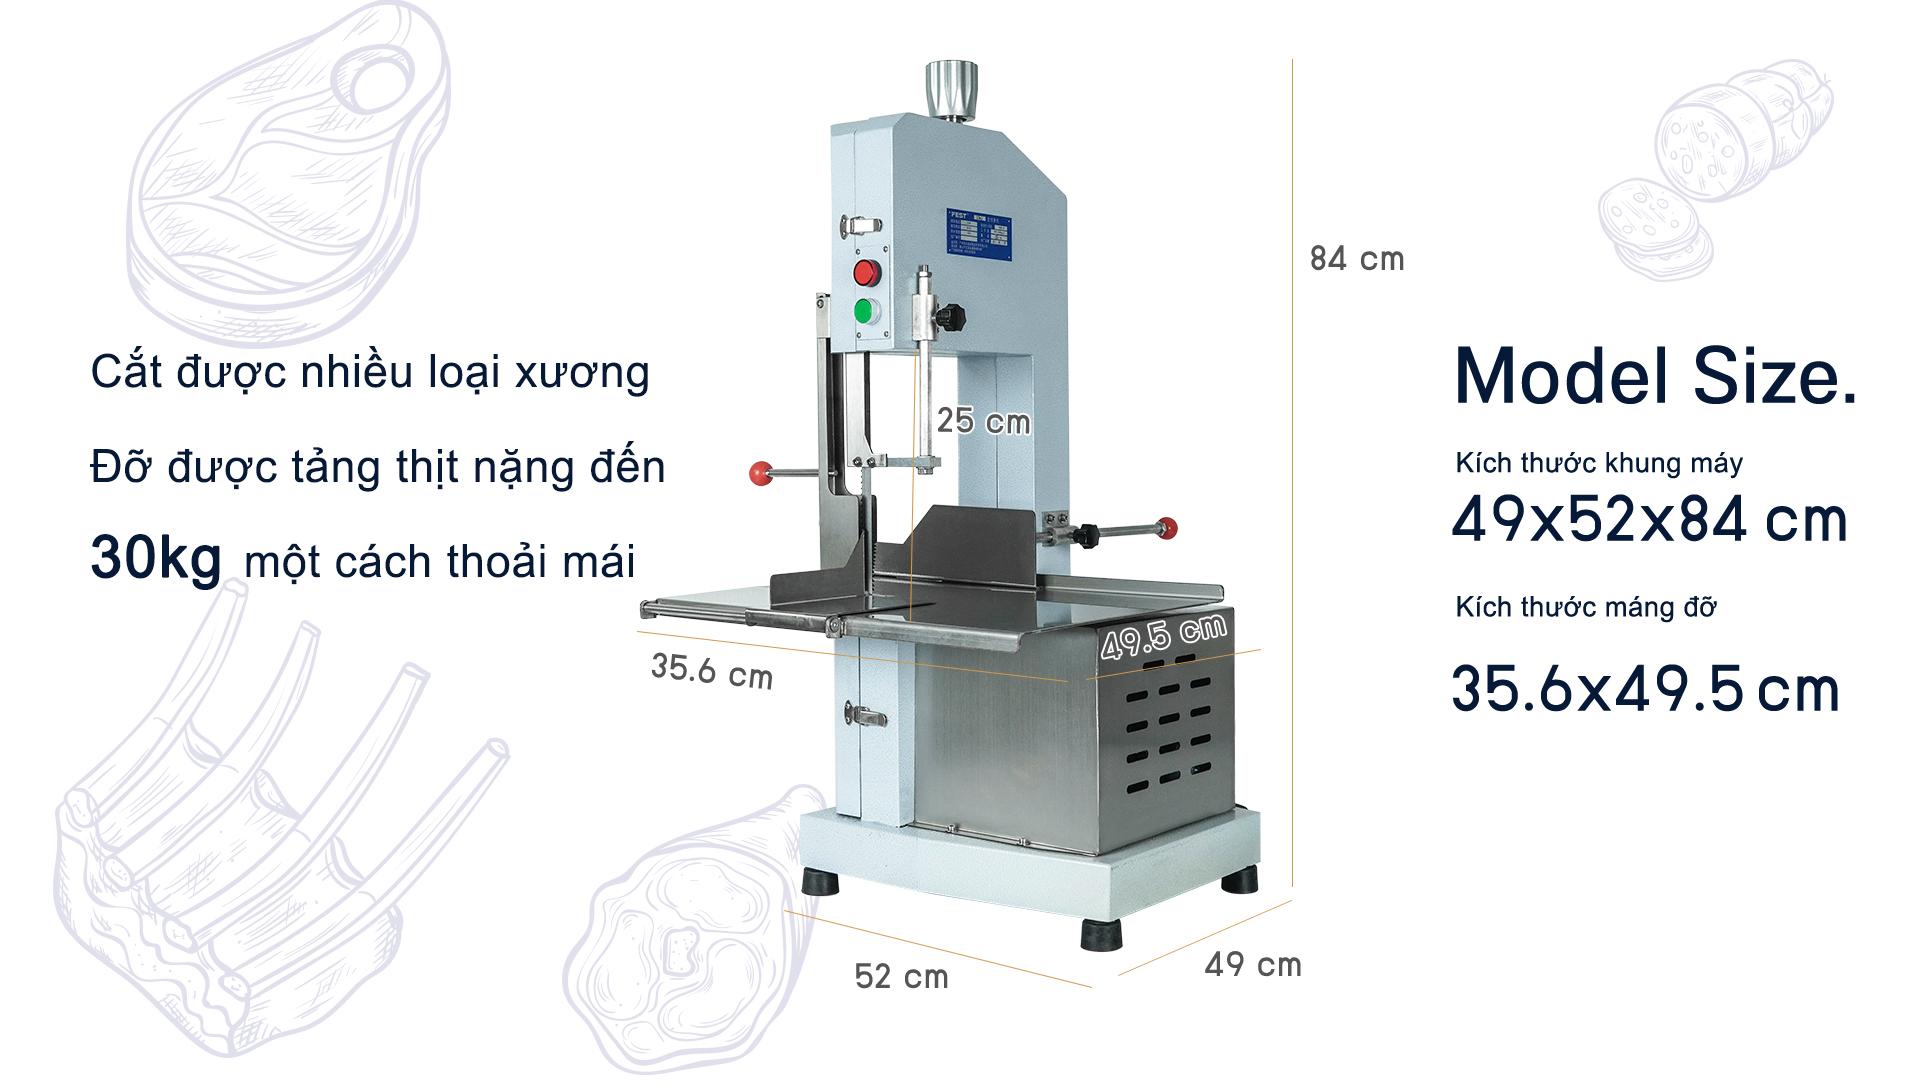 เครื่องตัดกระดูกหมู-BC190-Pro-size-product